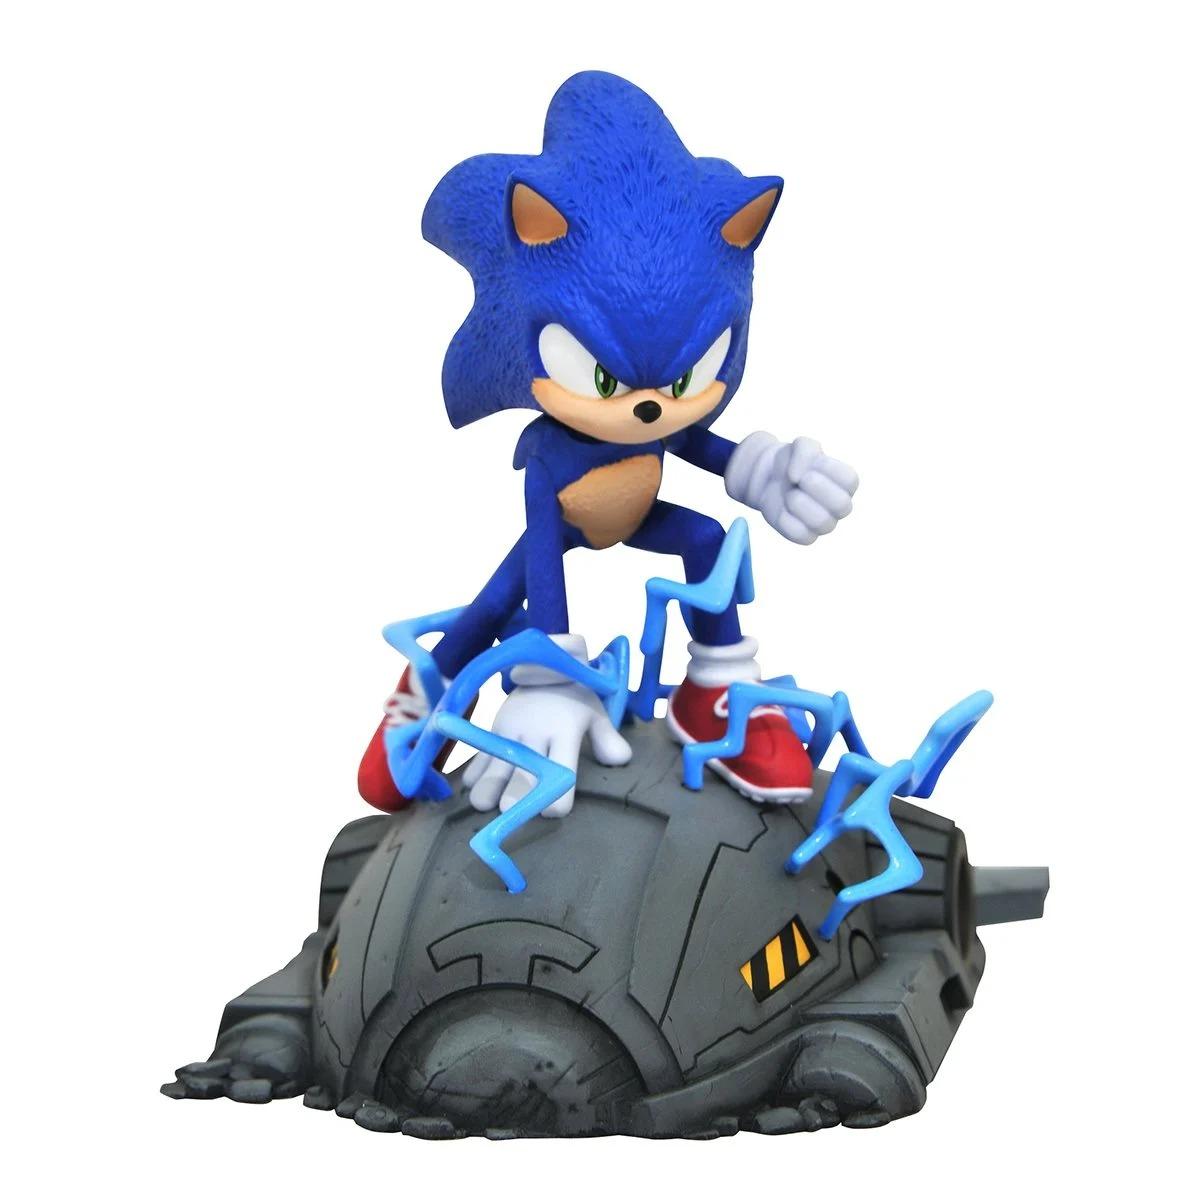 PRÉ VENDA: Estátua Sonic The Hedgehog O FIme Movie Escala 1/6 Sega - Diamond Select